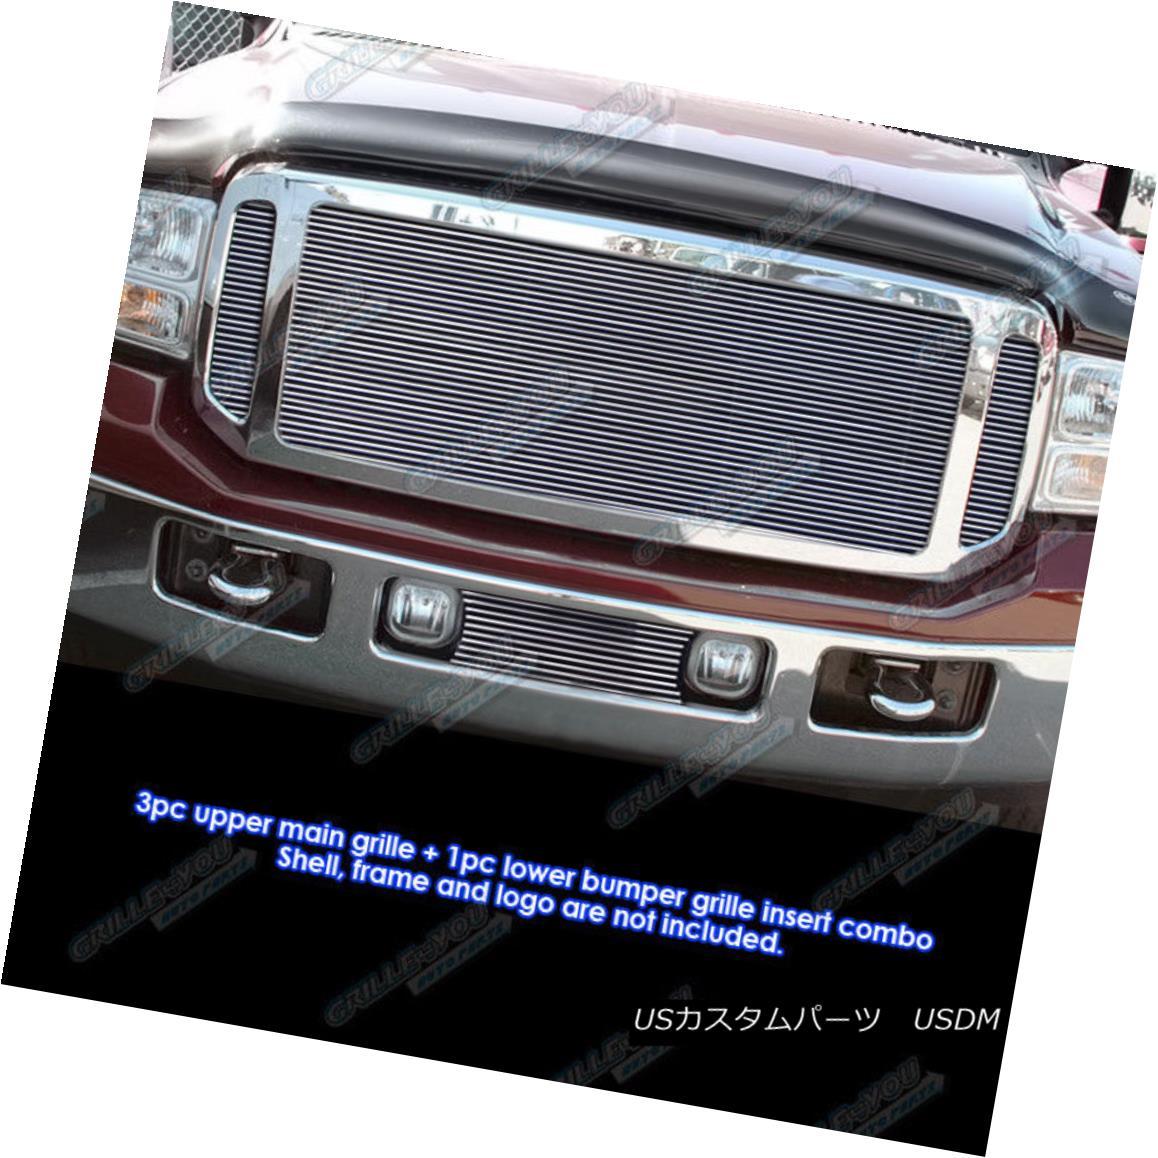 グリル Fits 05-07 Ford F-250/F-350/F-450/F-550 Billet Grille Combo フィット05-07 Ford F-250 / F-350 / F- 450 / F-550ビレットグリルコンボ